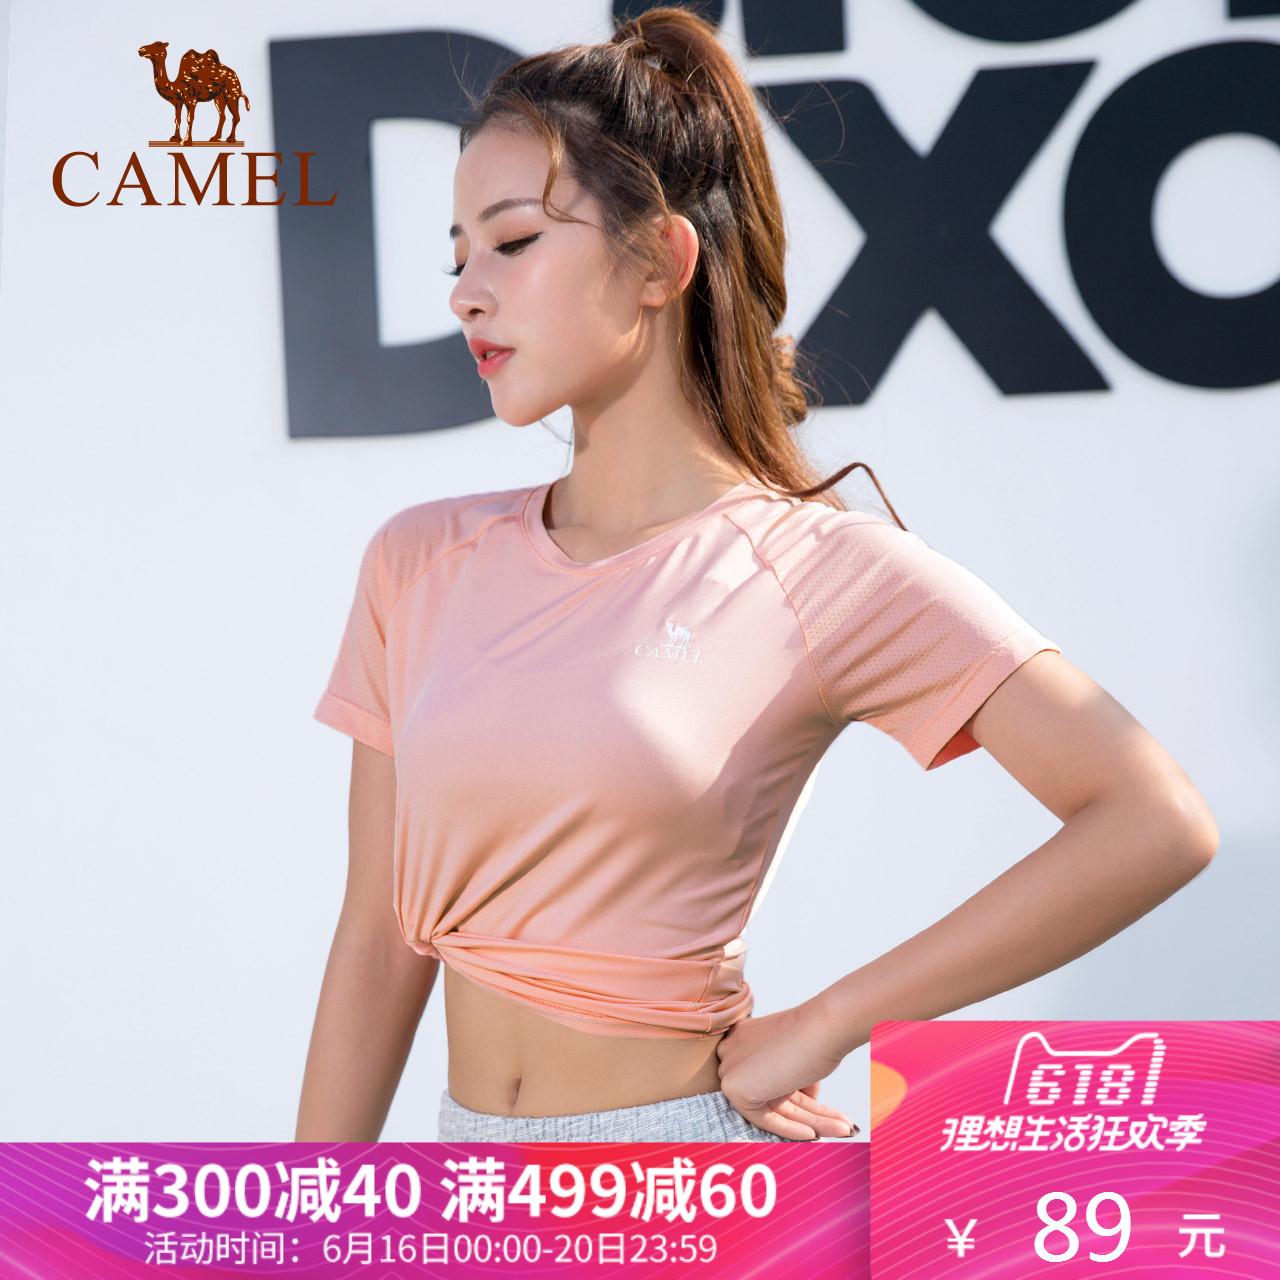 【2018新品】CAMEL骆驼健身运动T恤女透气圆领短袖紧身跑步上衣